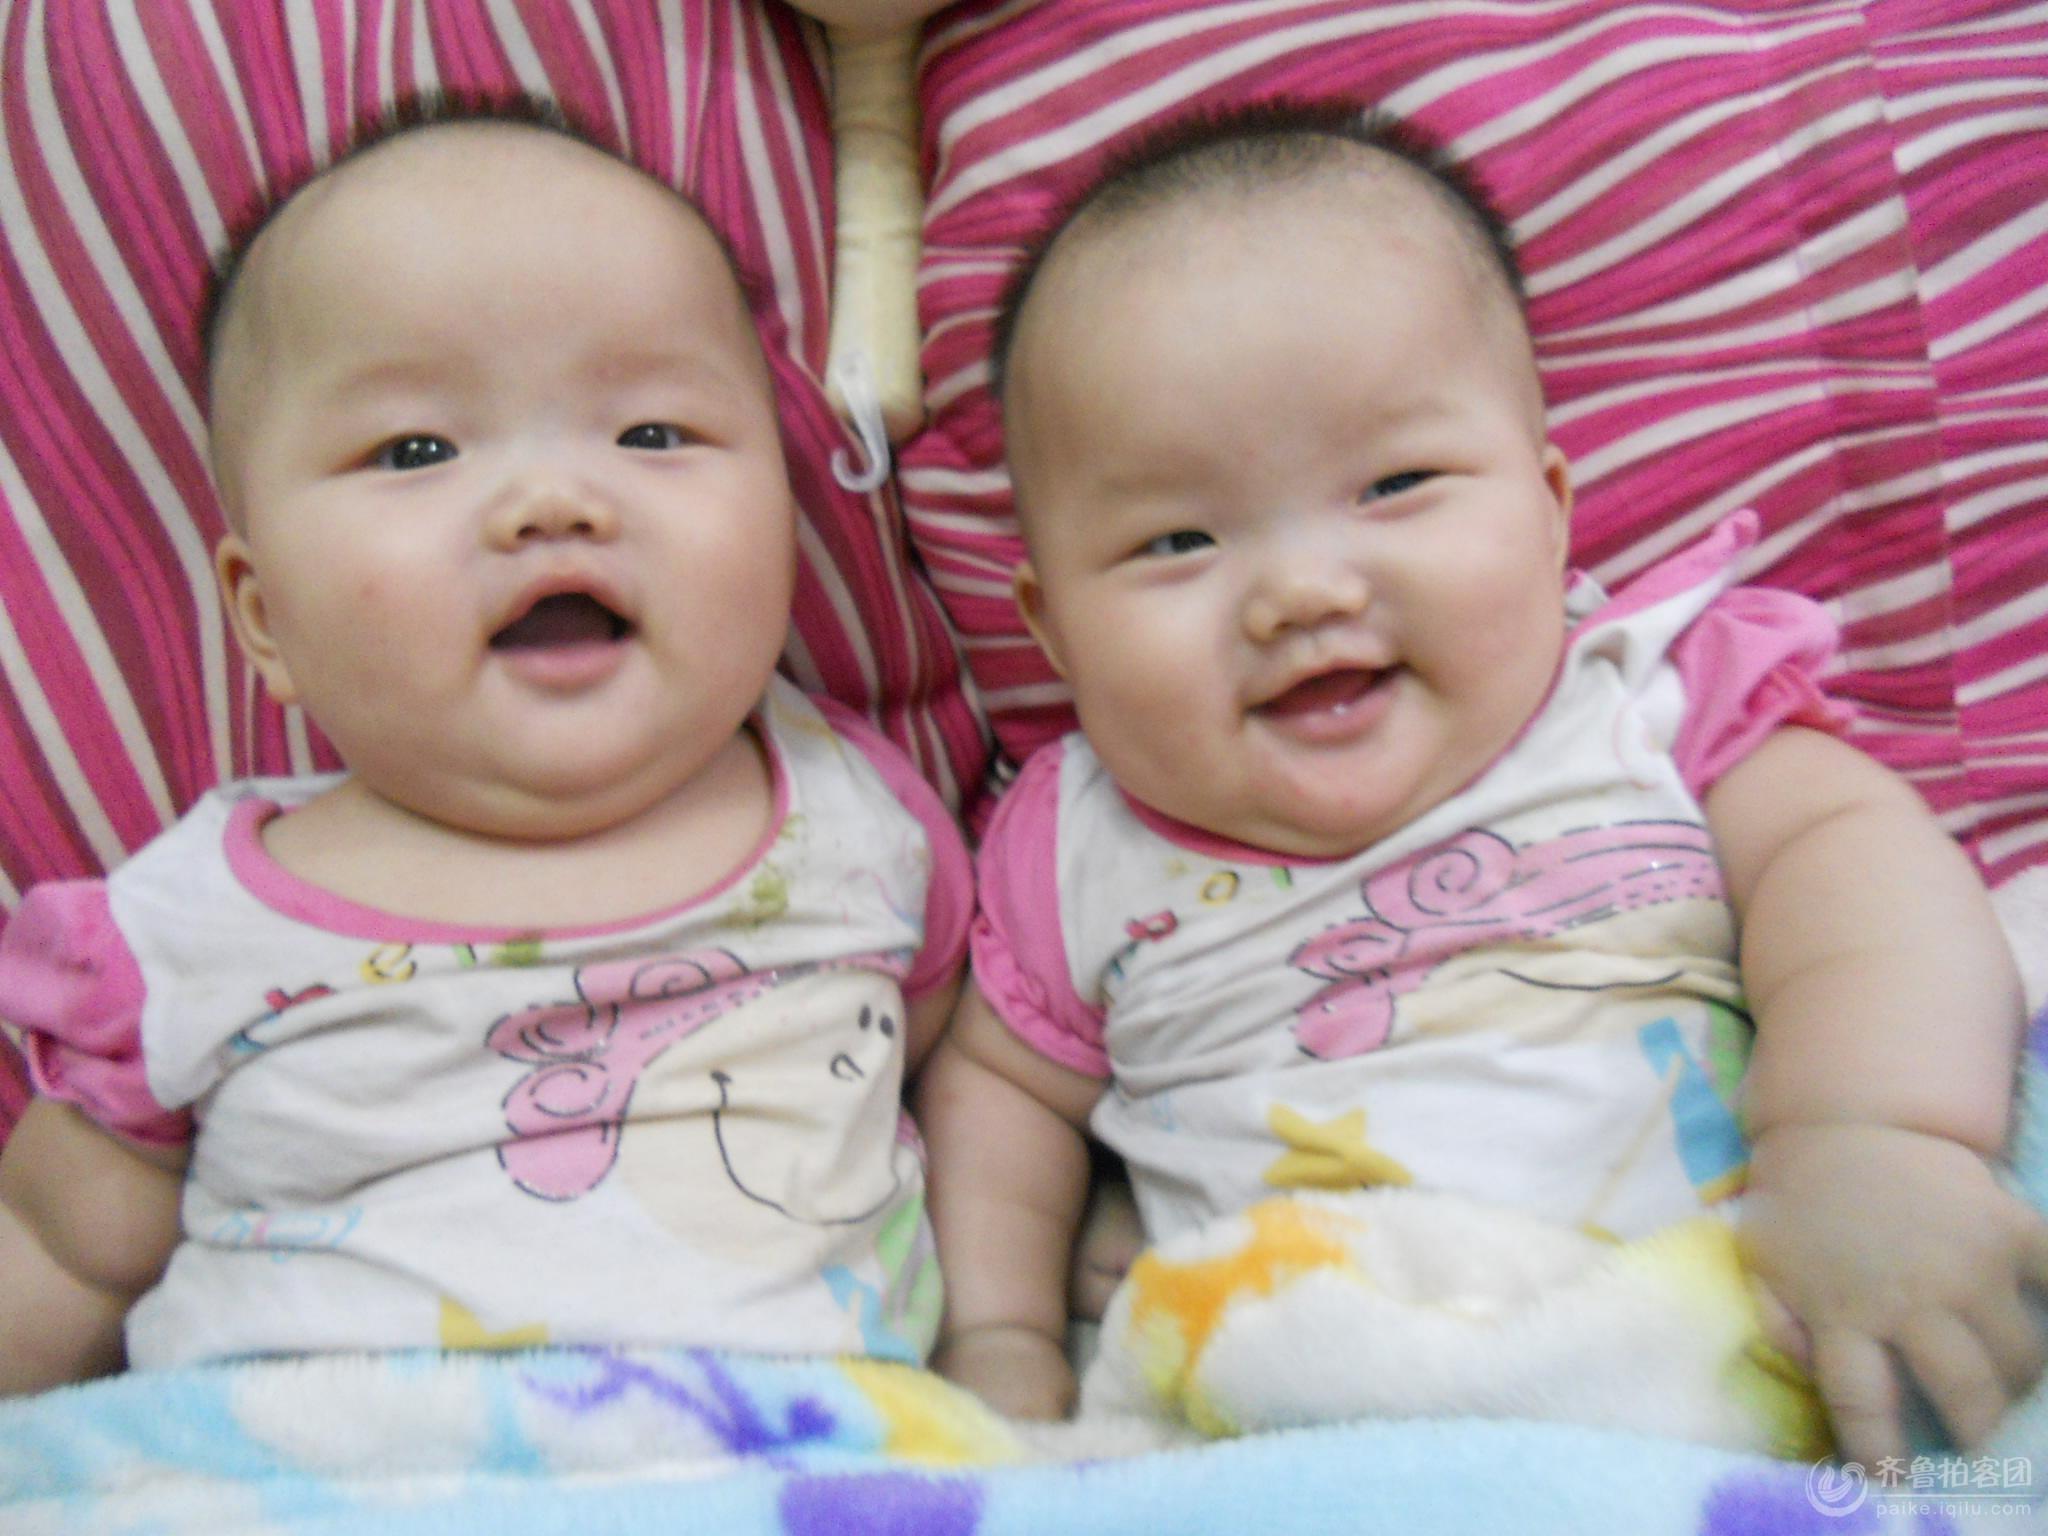 宝宝 壁纸 儿童 孩子 小孩 婴儿 2048_1536